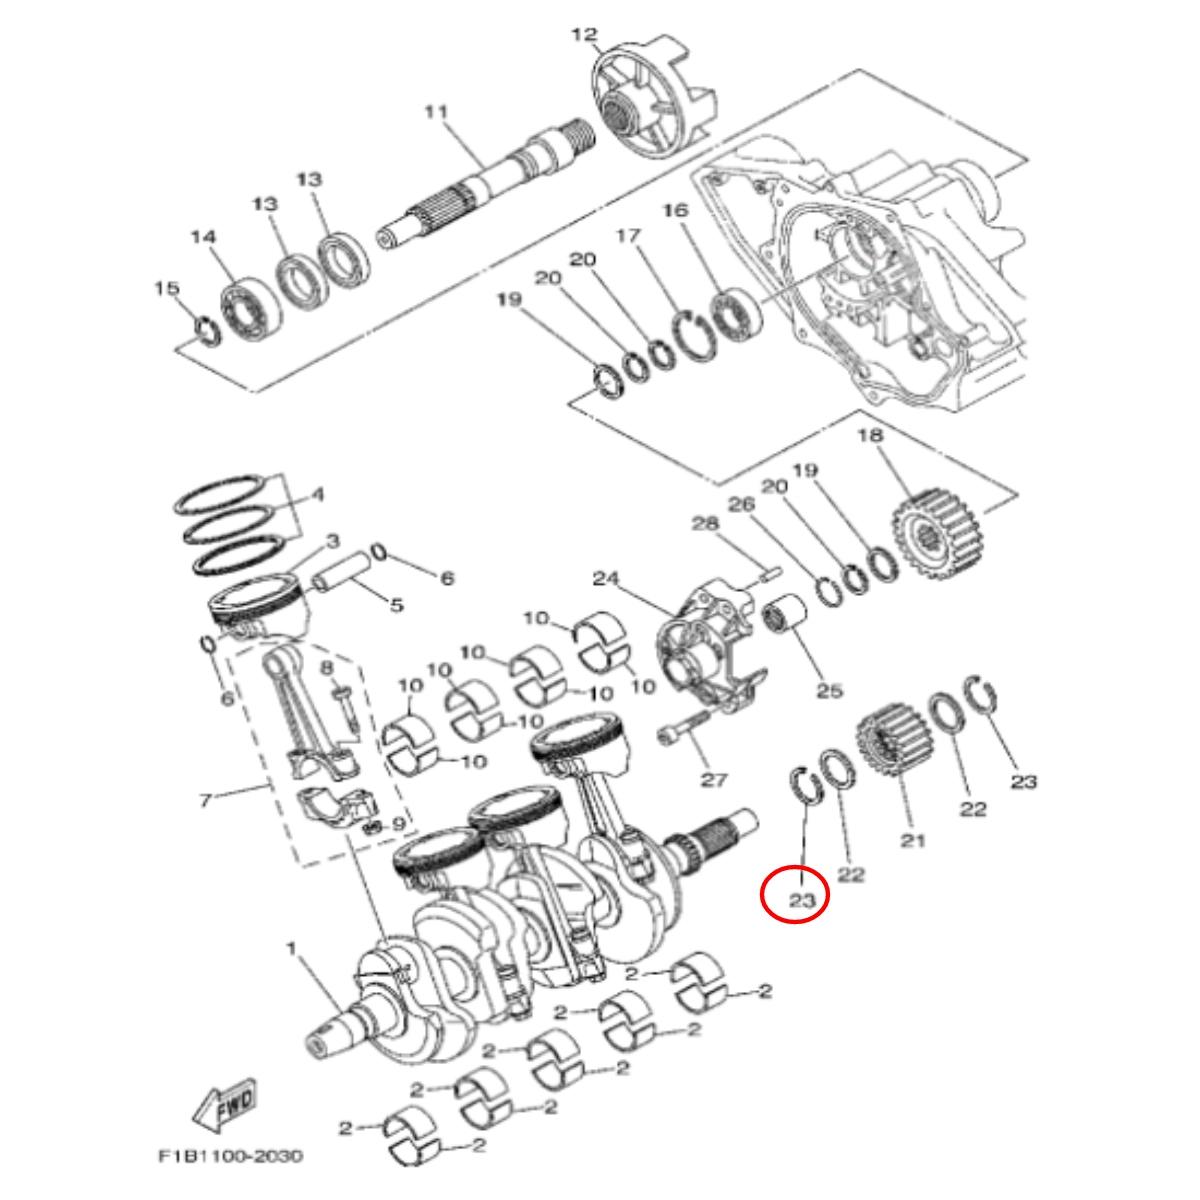 Válvula Admissão para Jet Ski Yamaha VX WSM (4) 1 Pingo  - Radical Peças - Peças para Jet Ski